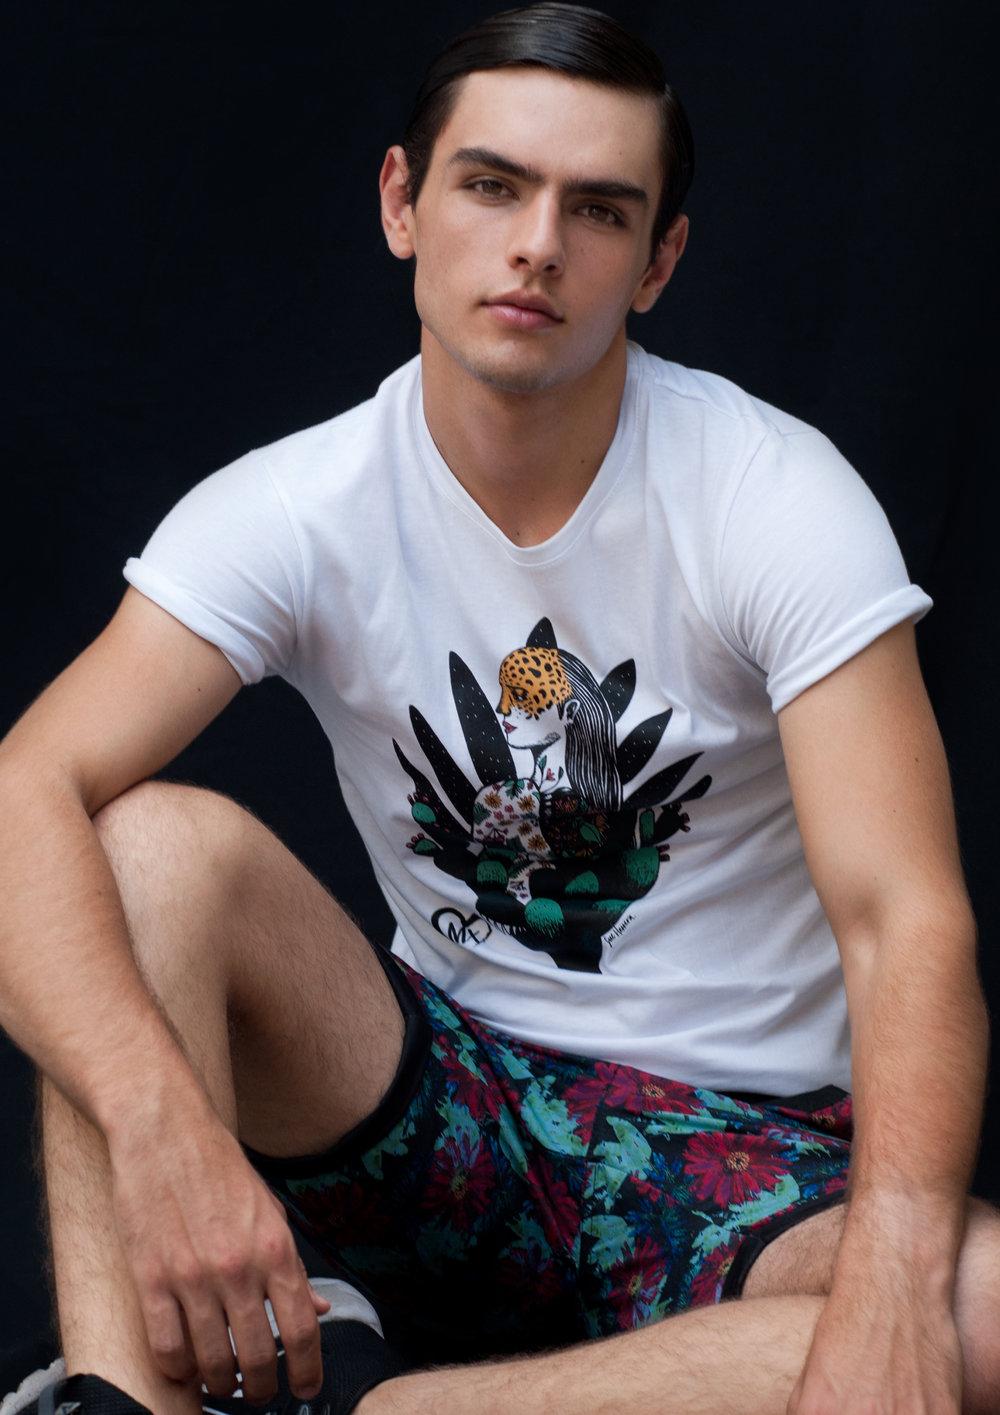 t-shirt   LOB ,  shorts   COAST TO COAST